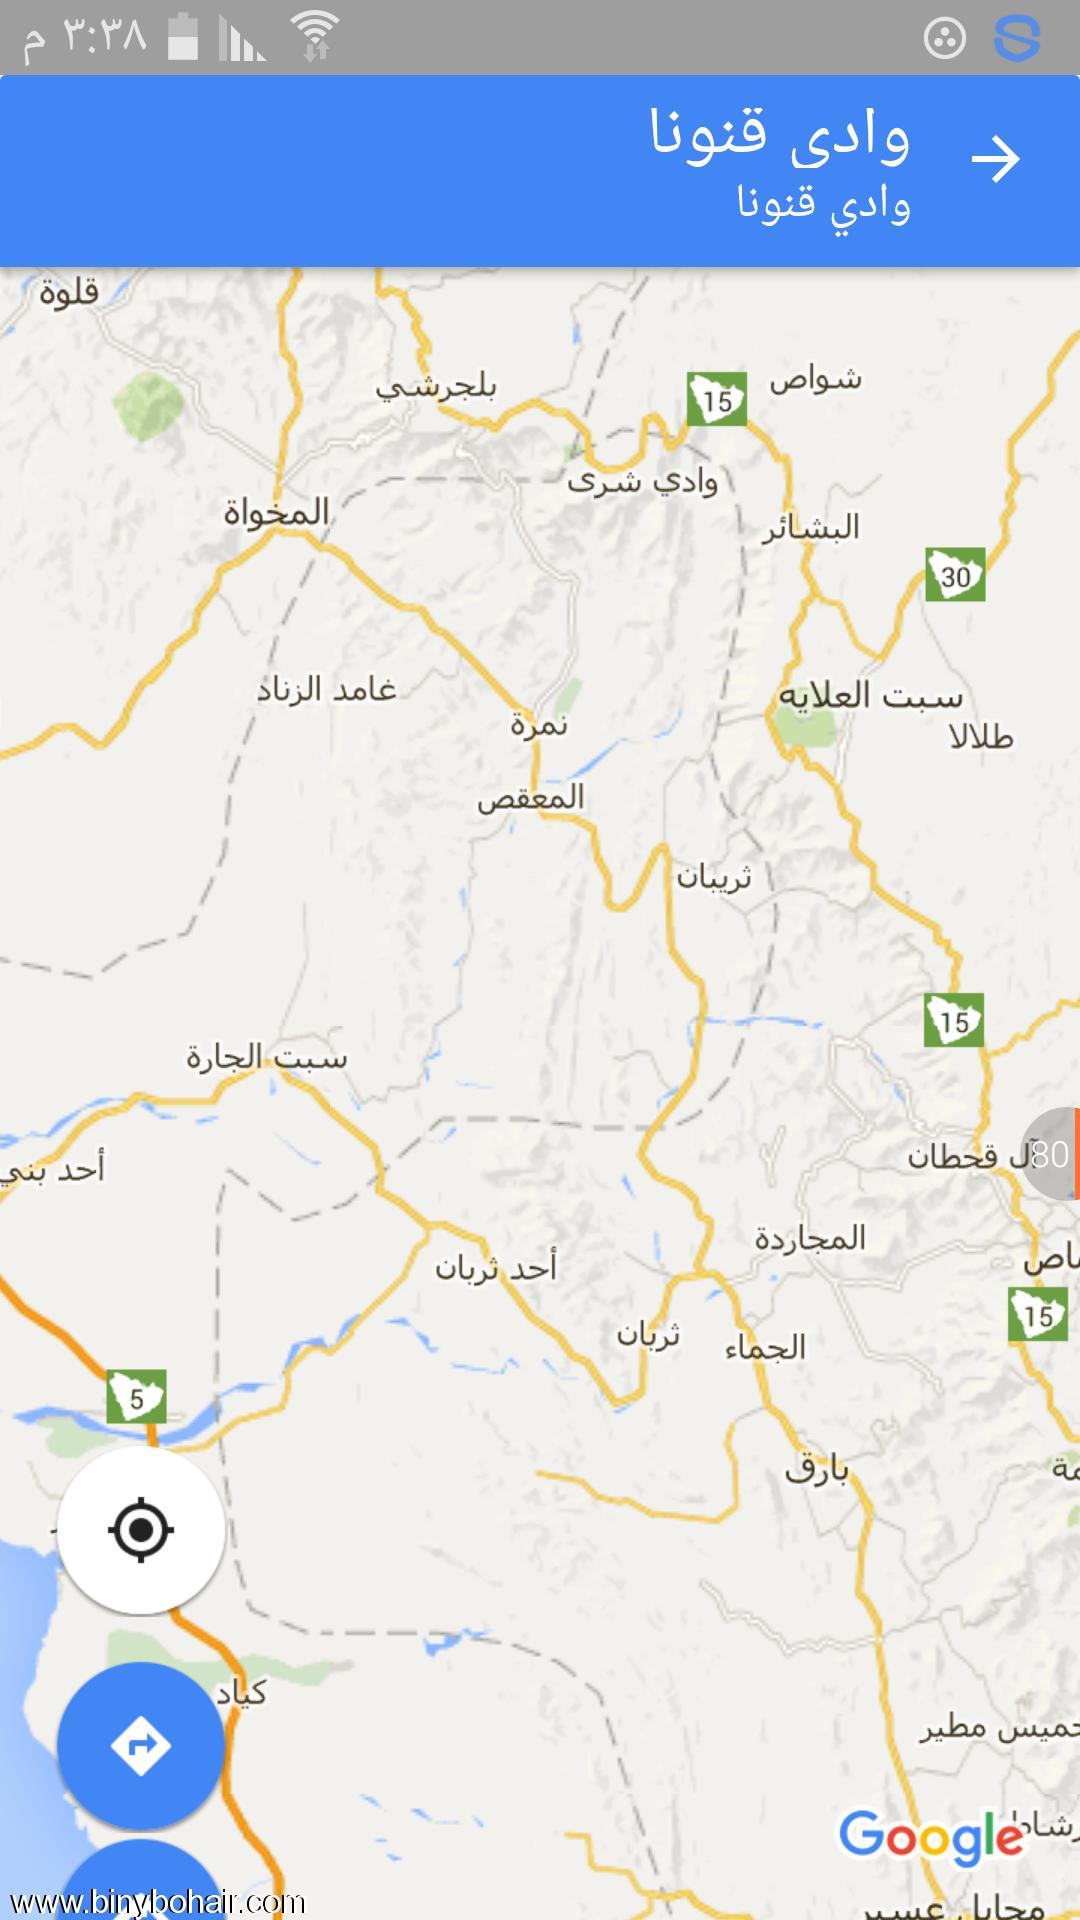 خريطة وادي قنونى ..قوقل zgp98336.png